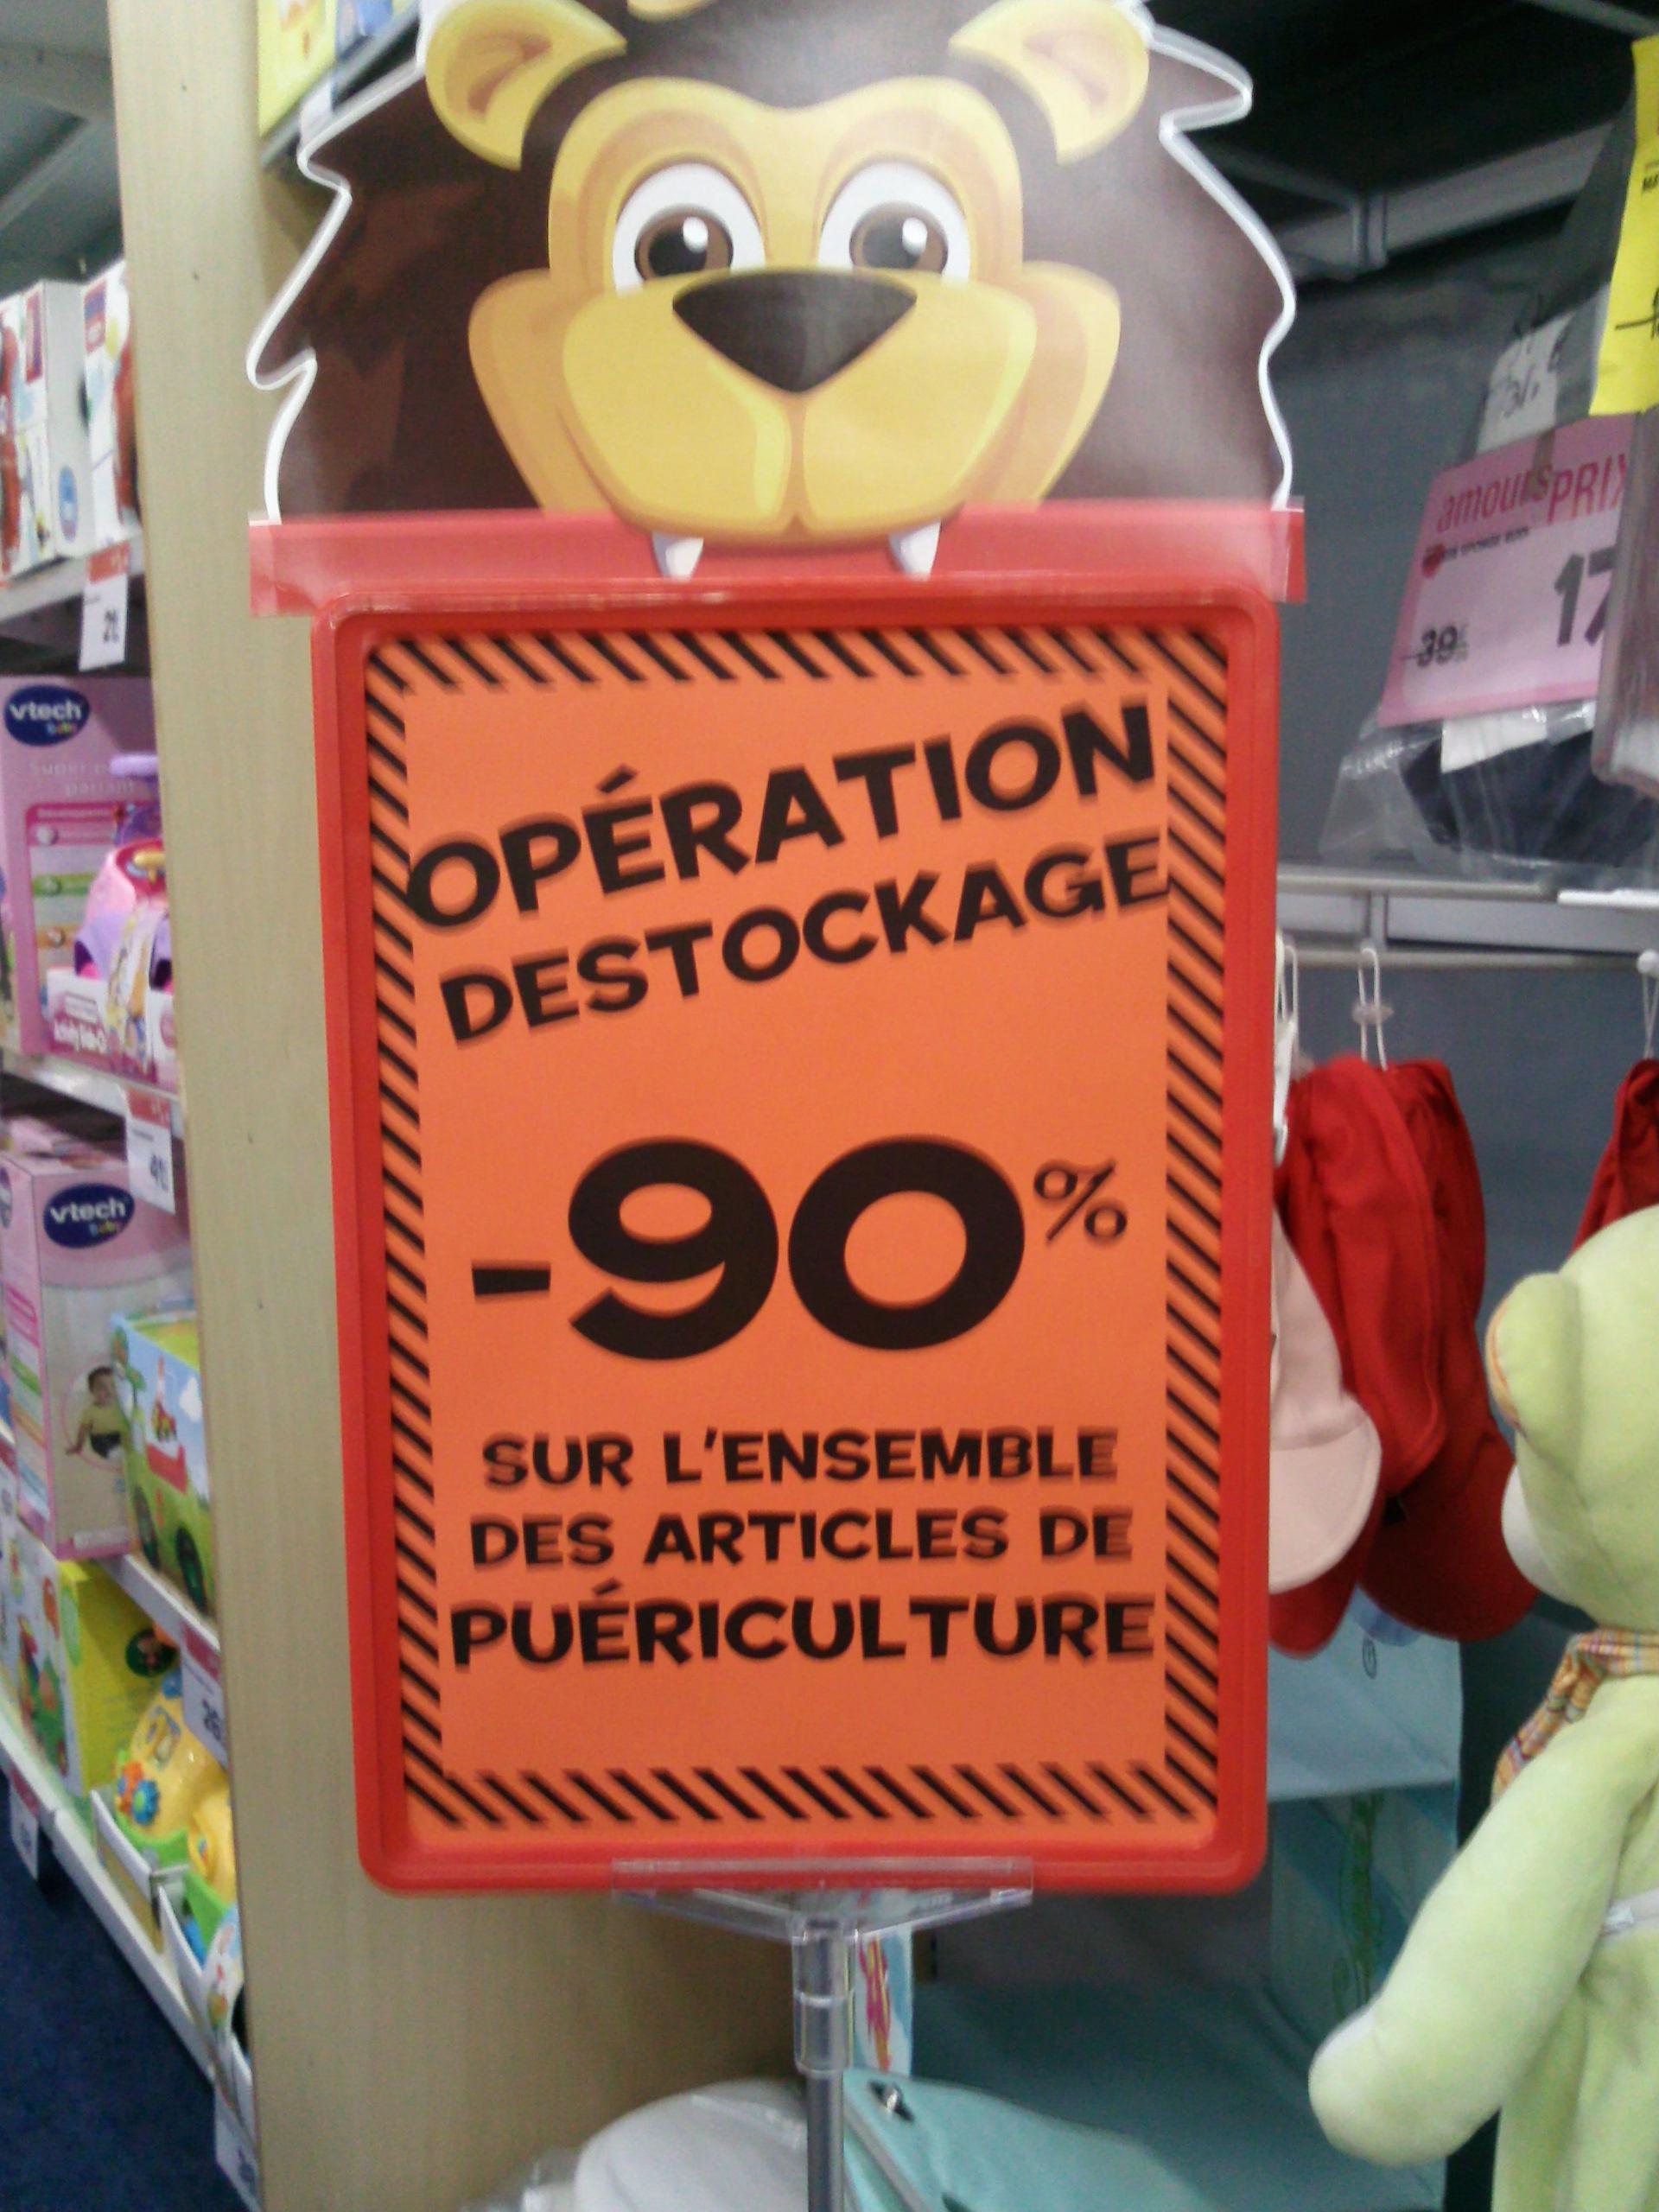 Déstockage 90% de réduction sur l'ensemble des articles de puériculture